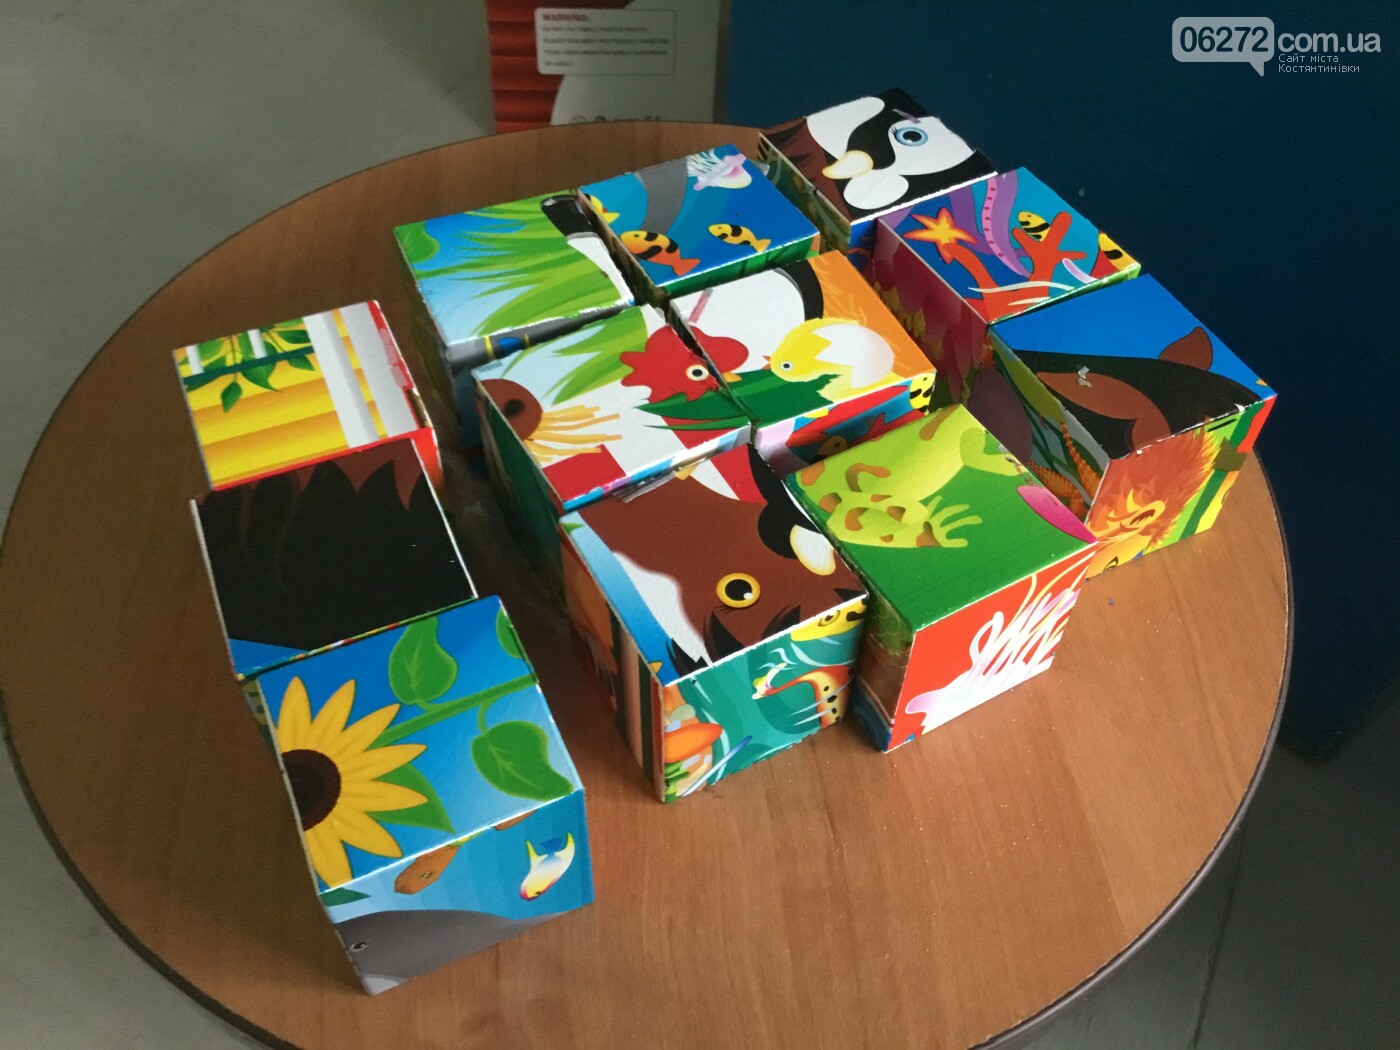 Чотири дитячих садочка Костянтинівки отримали «Валізи розвитку», фото-4